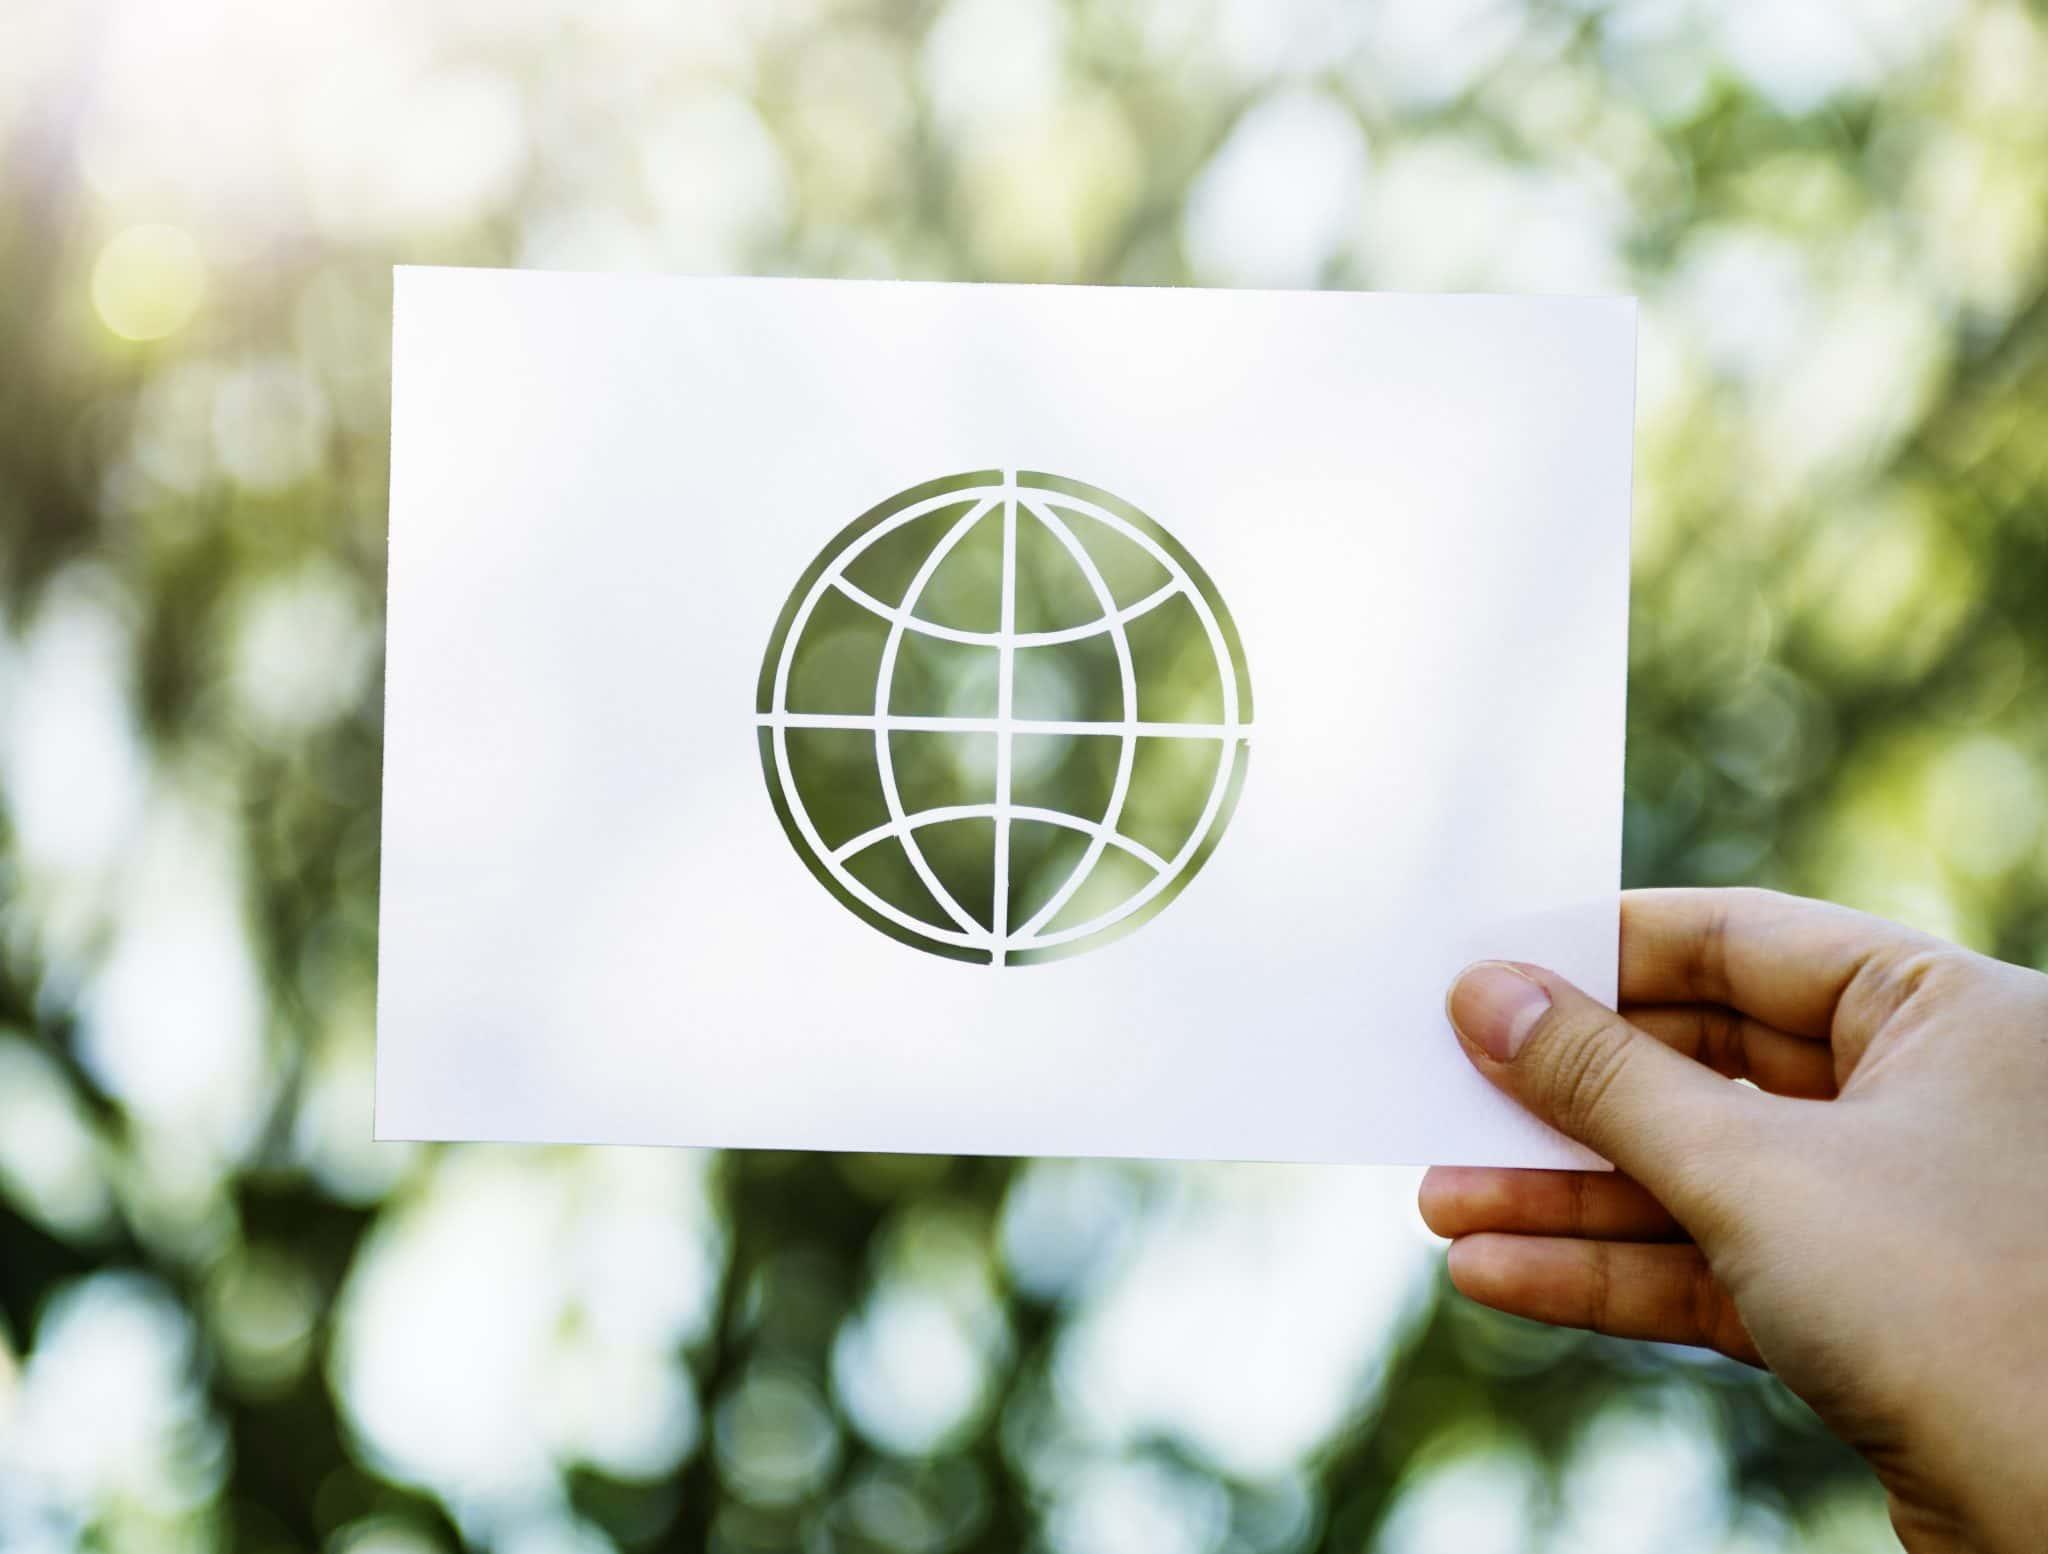 L'internationalisation est-elle possible pour un cabinet d'avocats ?